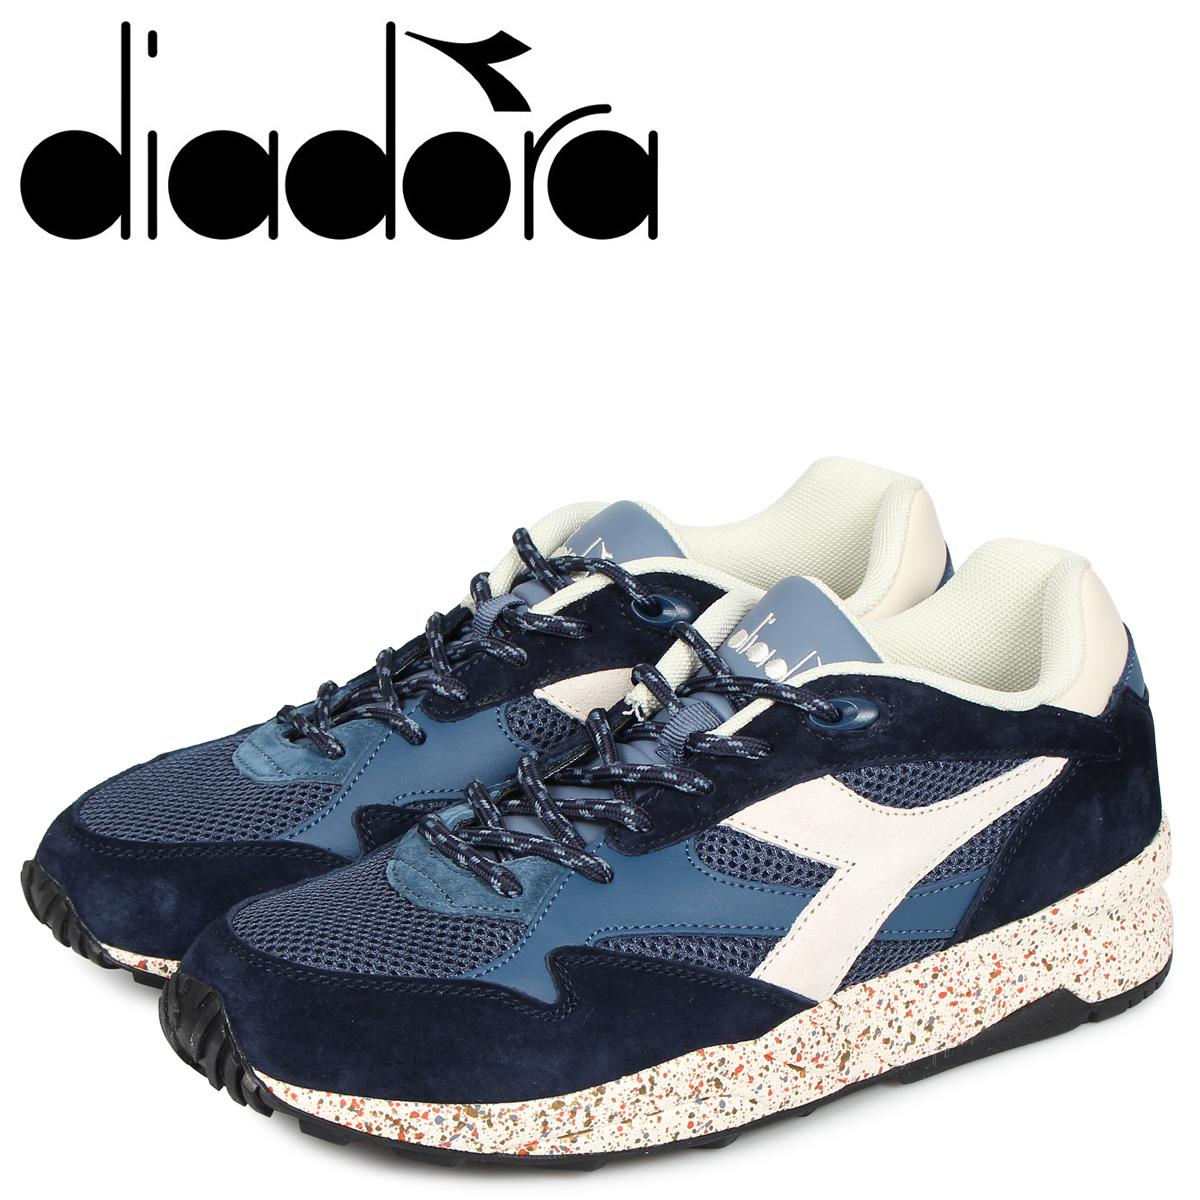 Diadora ディアドラ エクリプス プレミアム スニーカー メンズ ECLIPSE PREMIUM ブルー 175092-0033